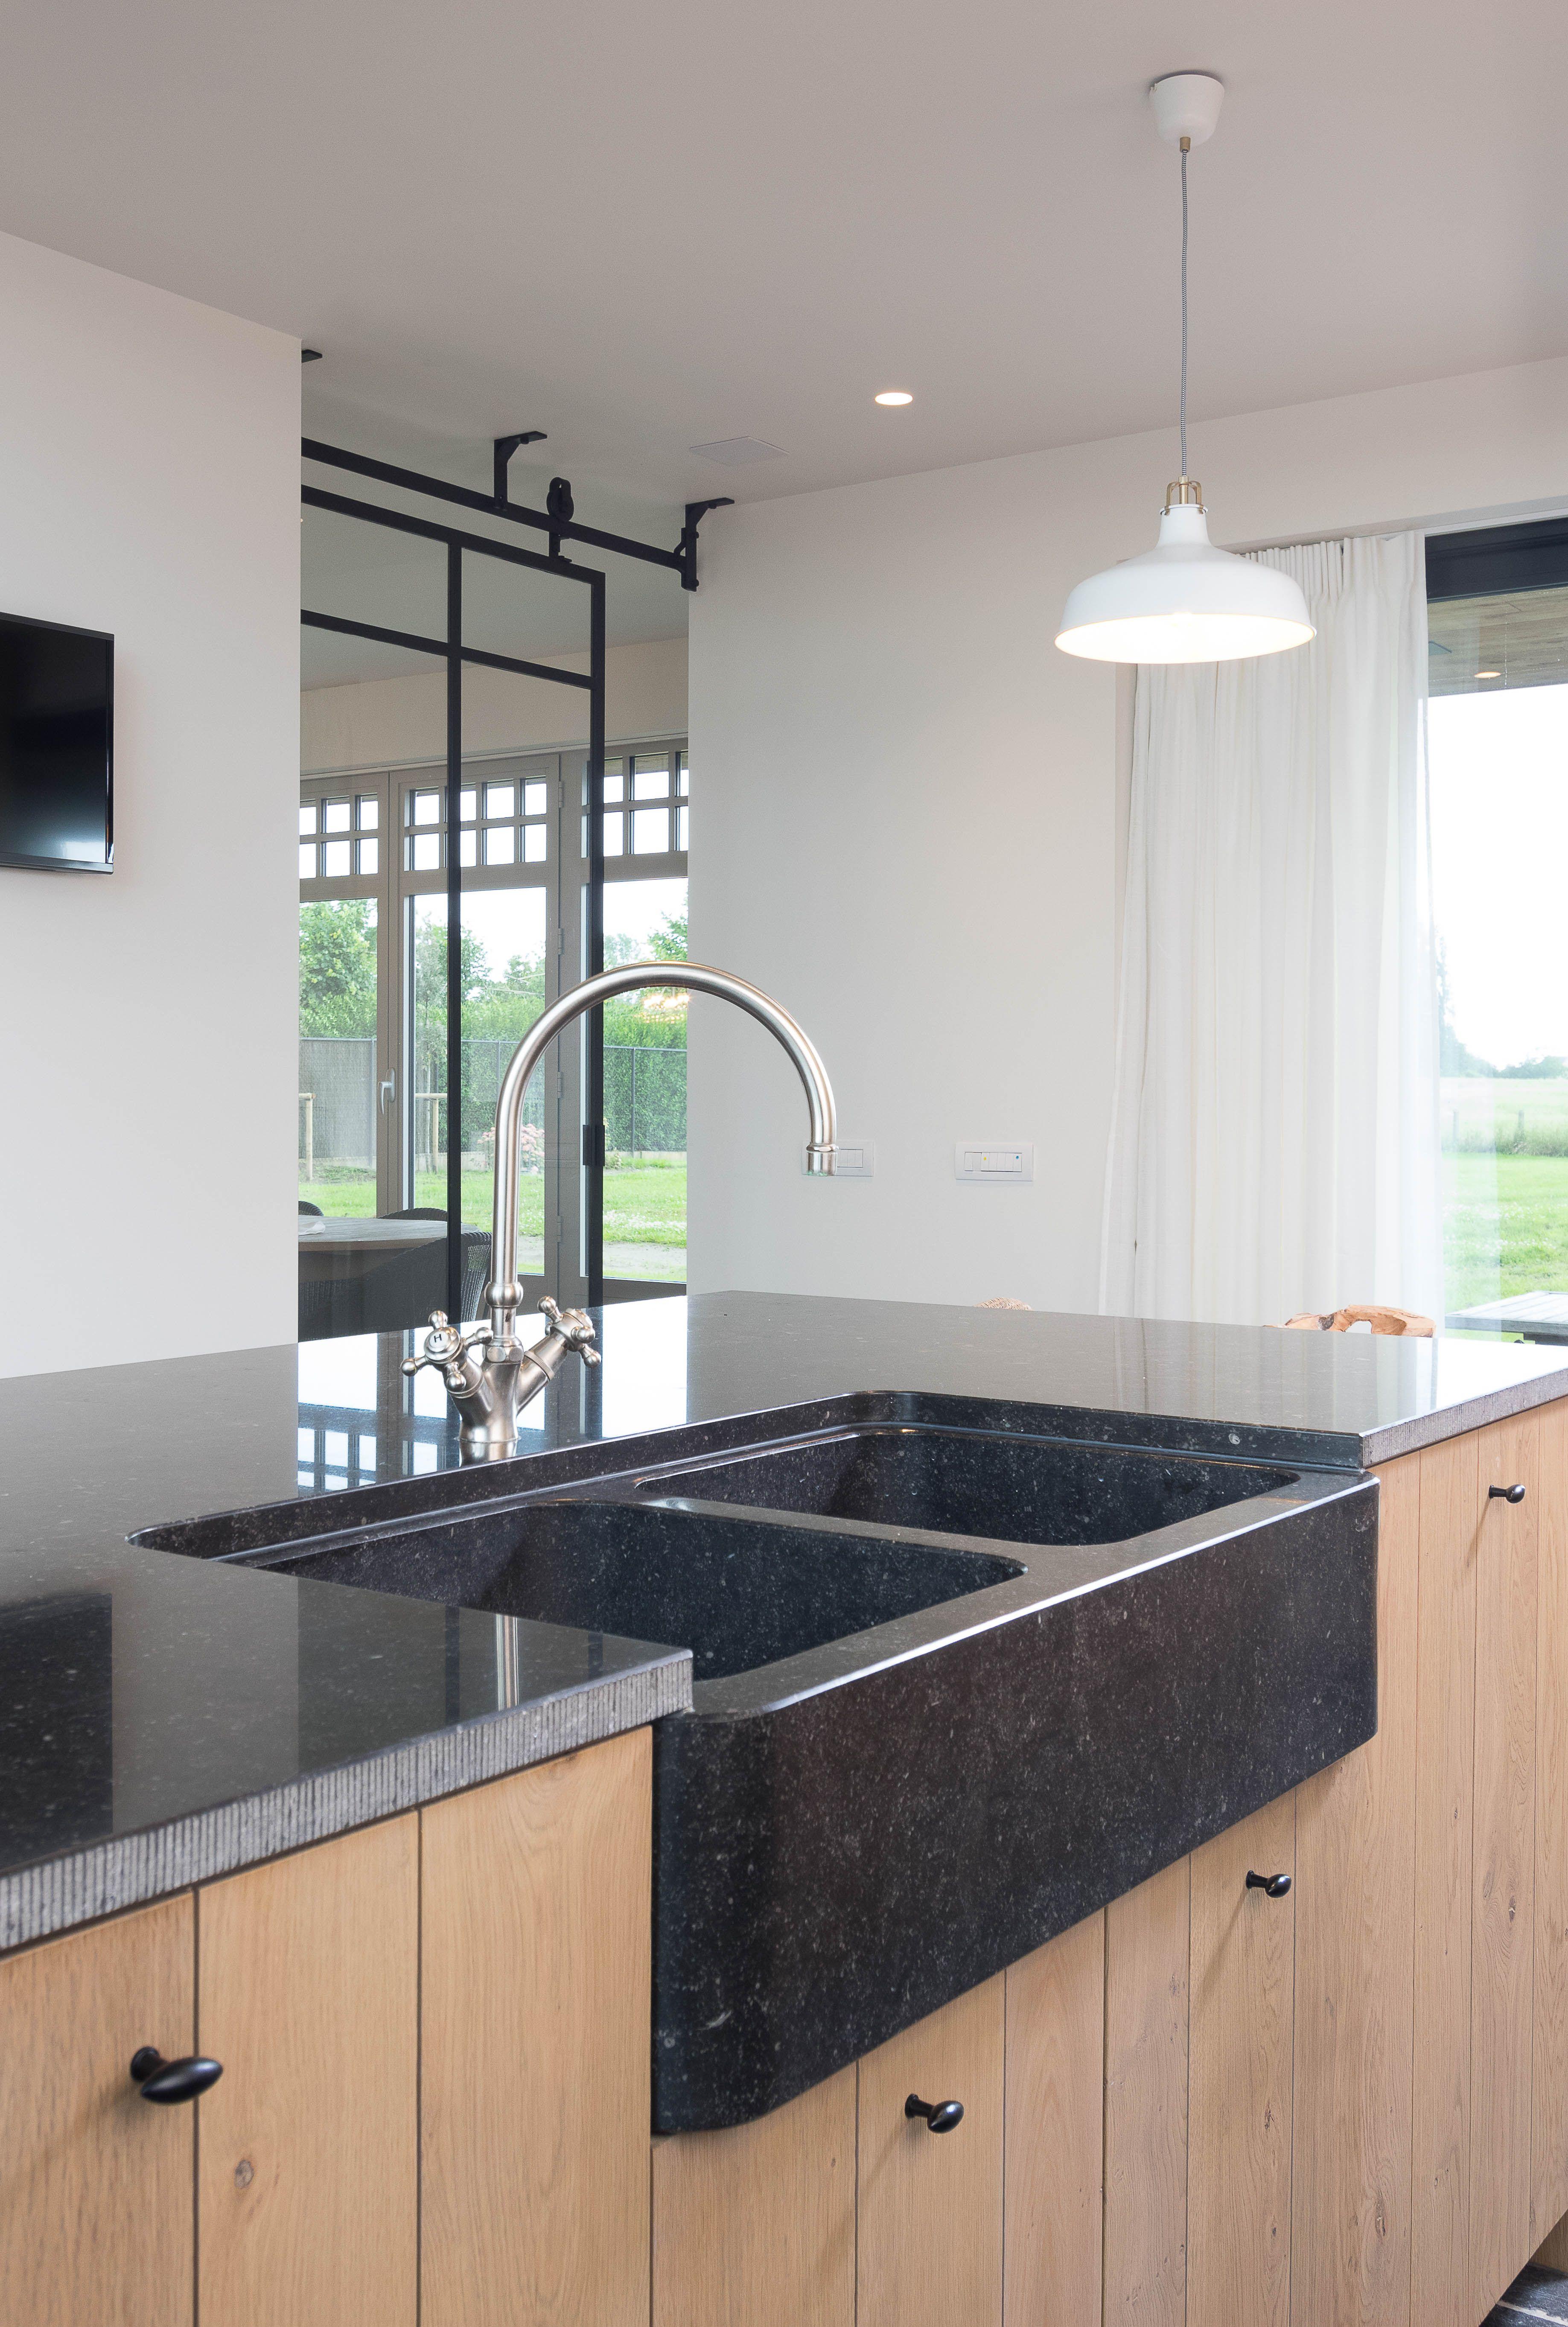 Verbazingwekkend Welkom - Keukens, Keuken ontwerp en Keuken AB-09